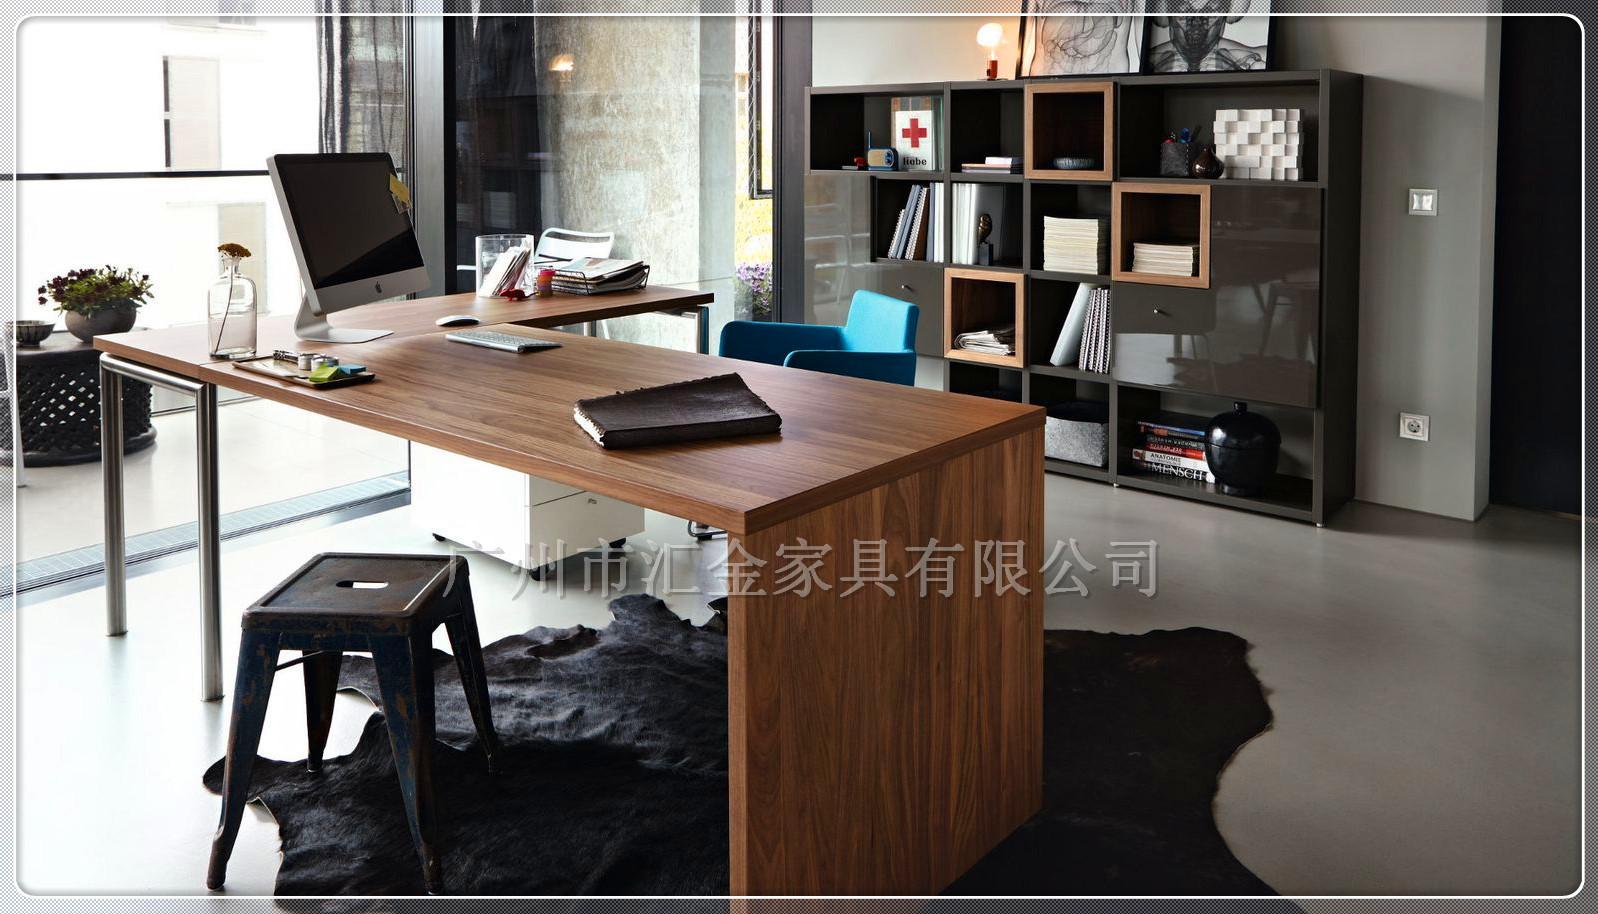 新品推荐 简约钢木组合台式电脑桌办公桌 可定制